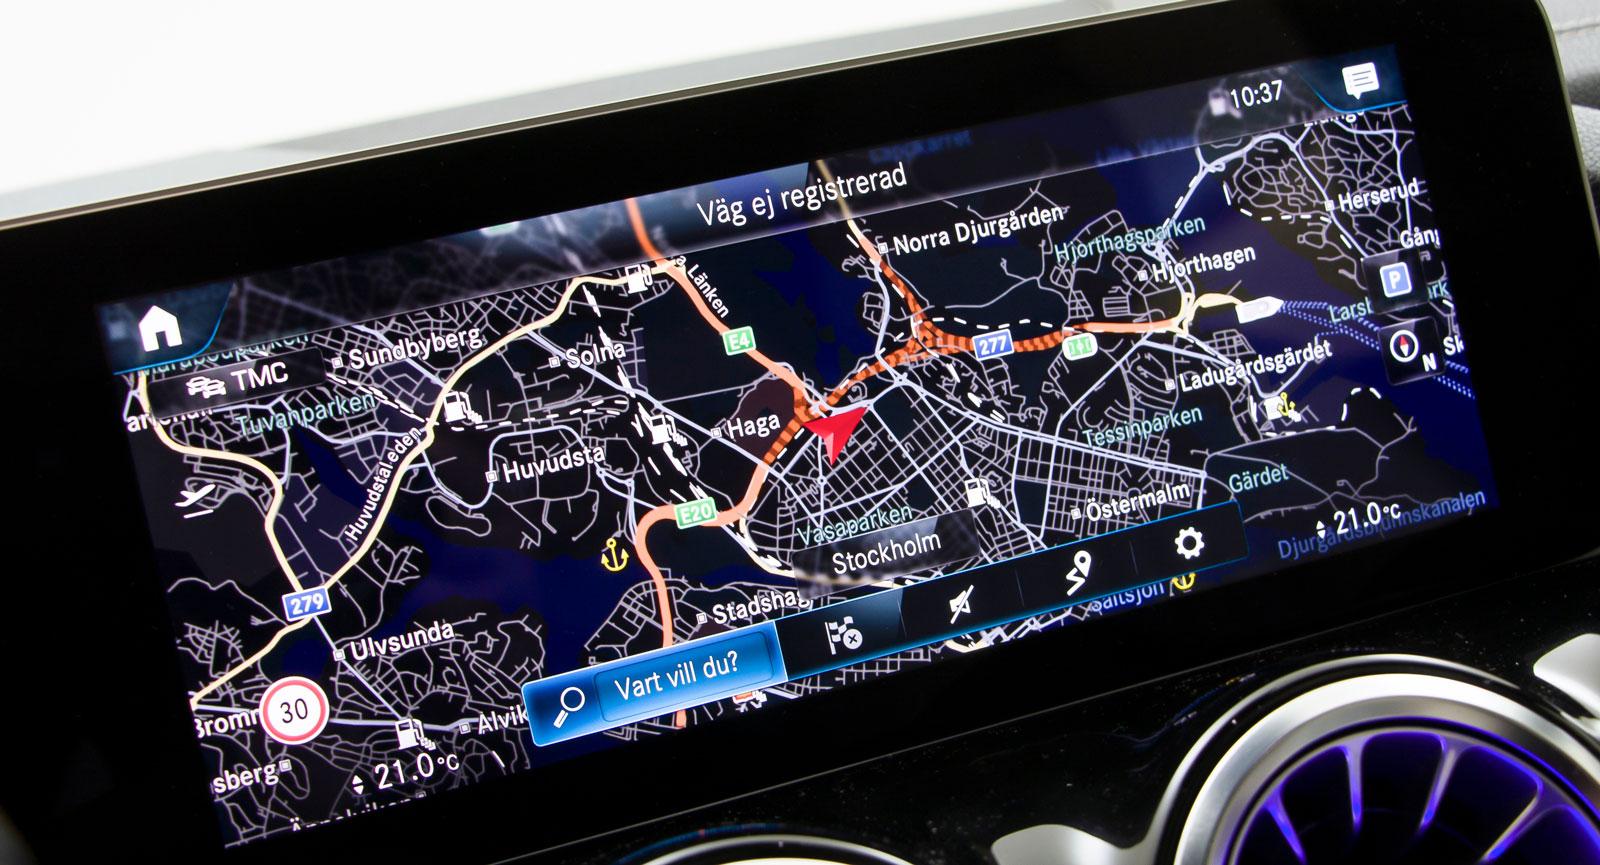 Mercedes' största system har oändliga funktioner och möjligheter att styra saker och ting. Principerna är enkla, sedan gäller det att minnas vad som finns var.